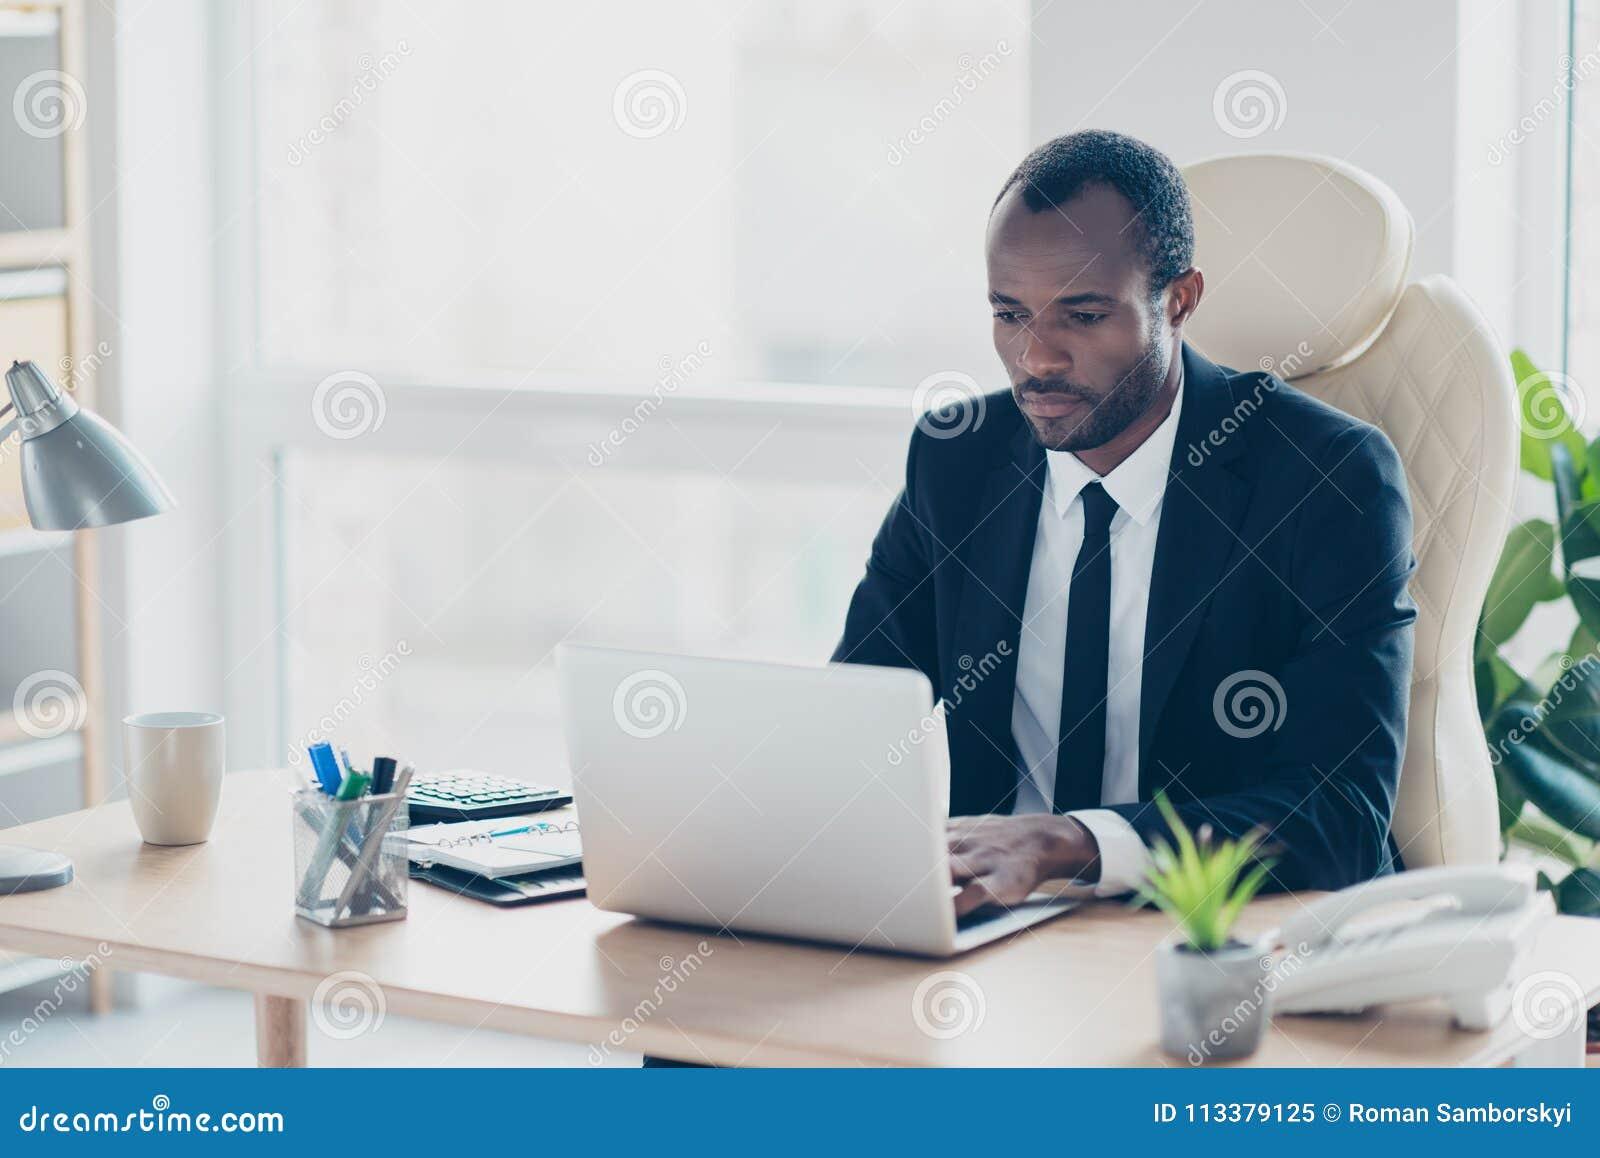 Portret atrakcyjny skoncentrowany ufny elegancki prawnik wewnątrz